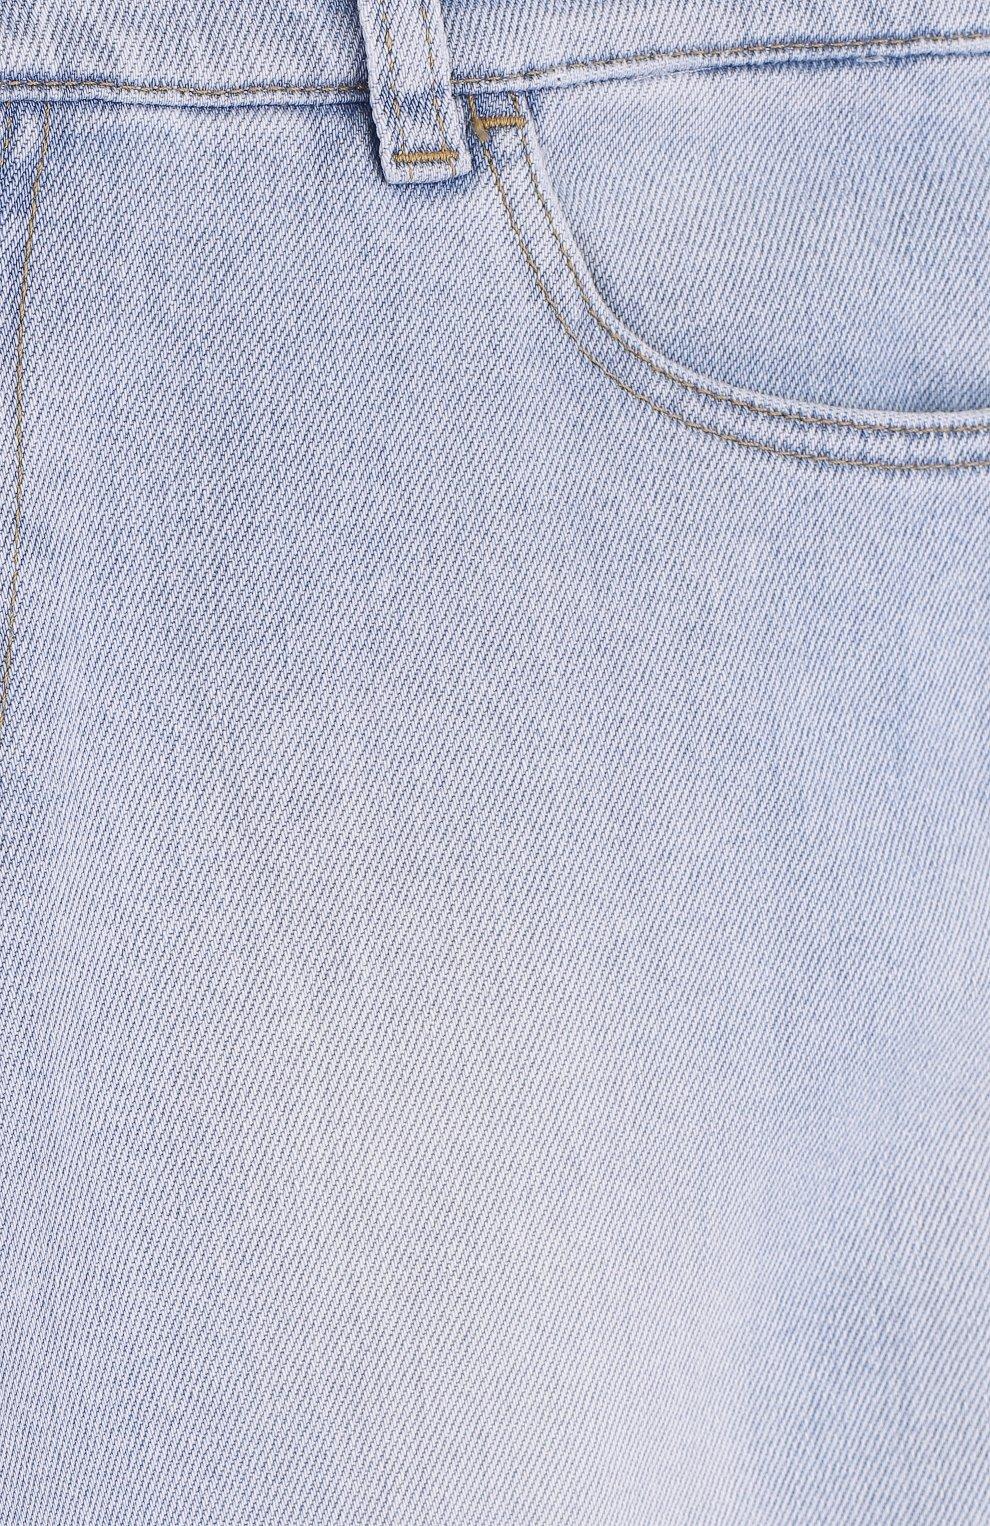 Детские джинсы прямого кроя с принтом и декоративными потертостями Dolce & Gabbana светло-голубого цвета | Фото №3